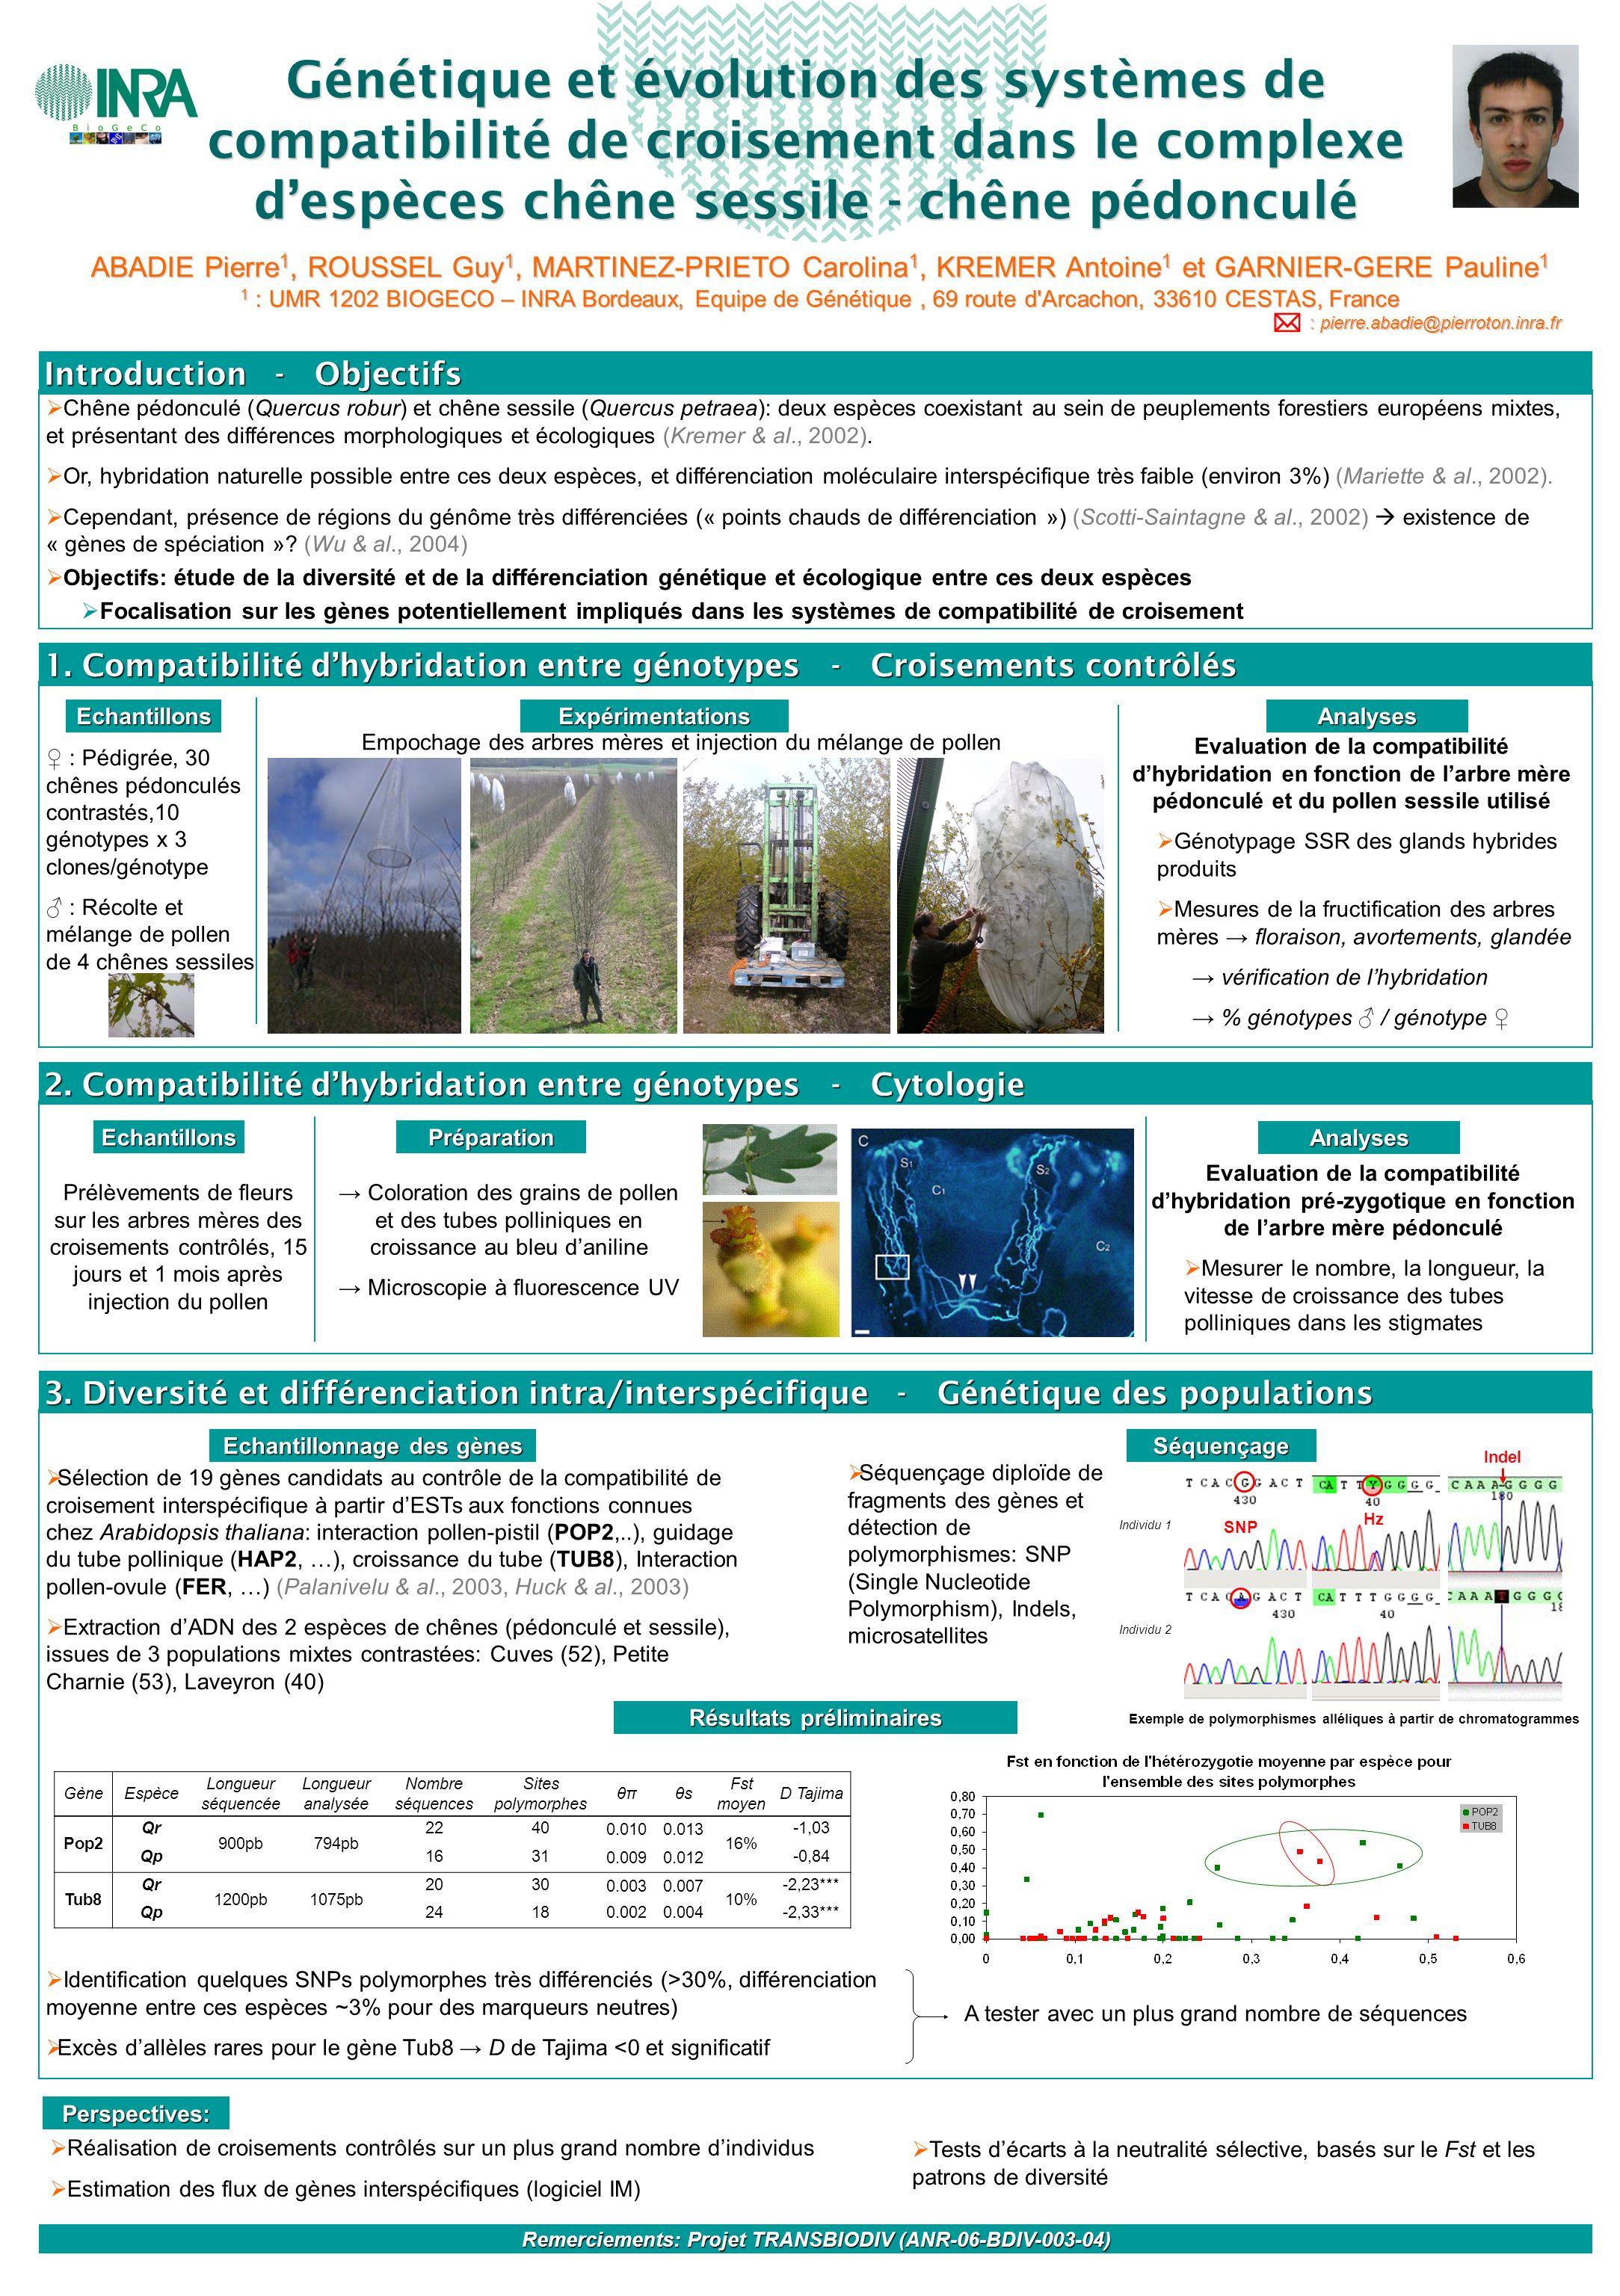 Génétique et évolution des systèmes de compatibilité de croisement dans le complexe d'espèces chêne sessile - chêne pédonculé